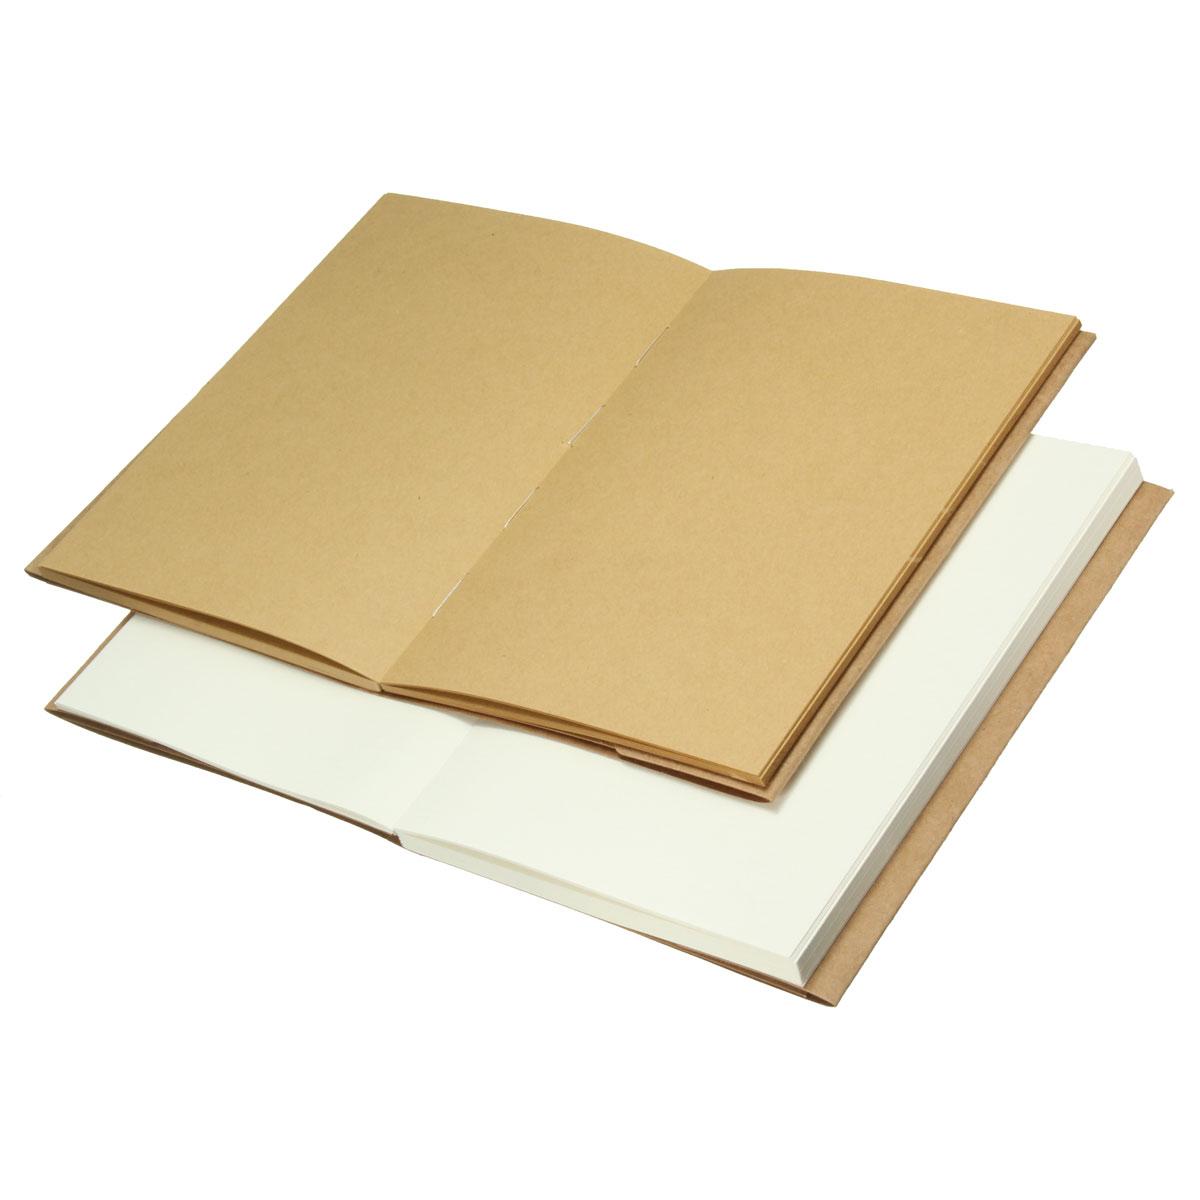 32K Vintage Blank Kraft Paper Sketchbook Journal Sketching Scrapbook Notebook